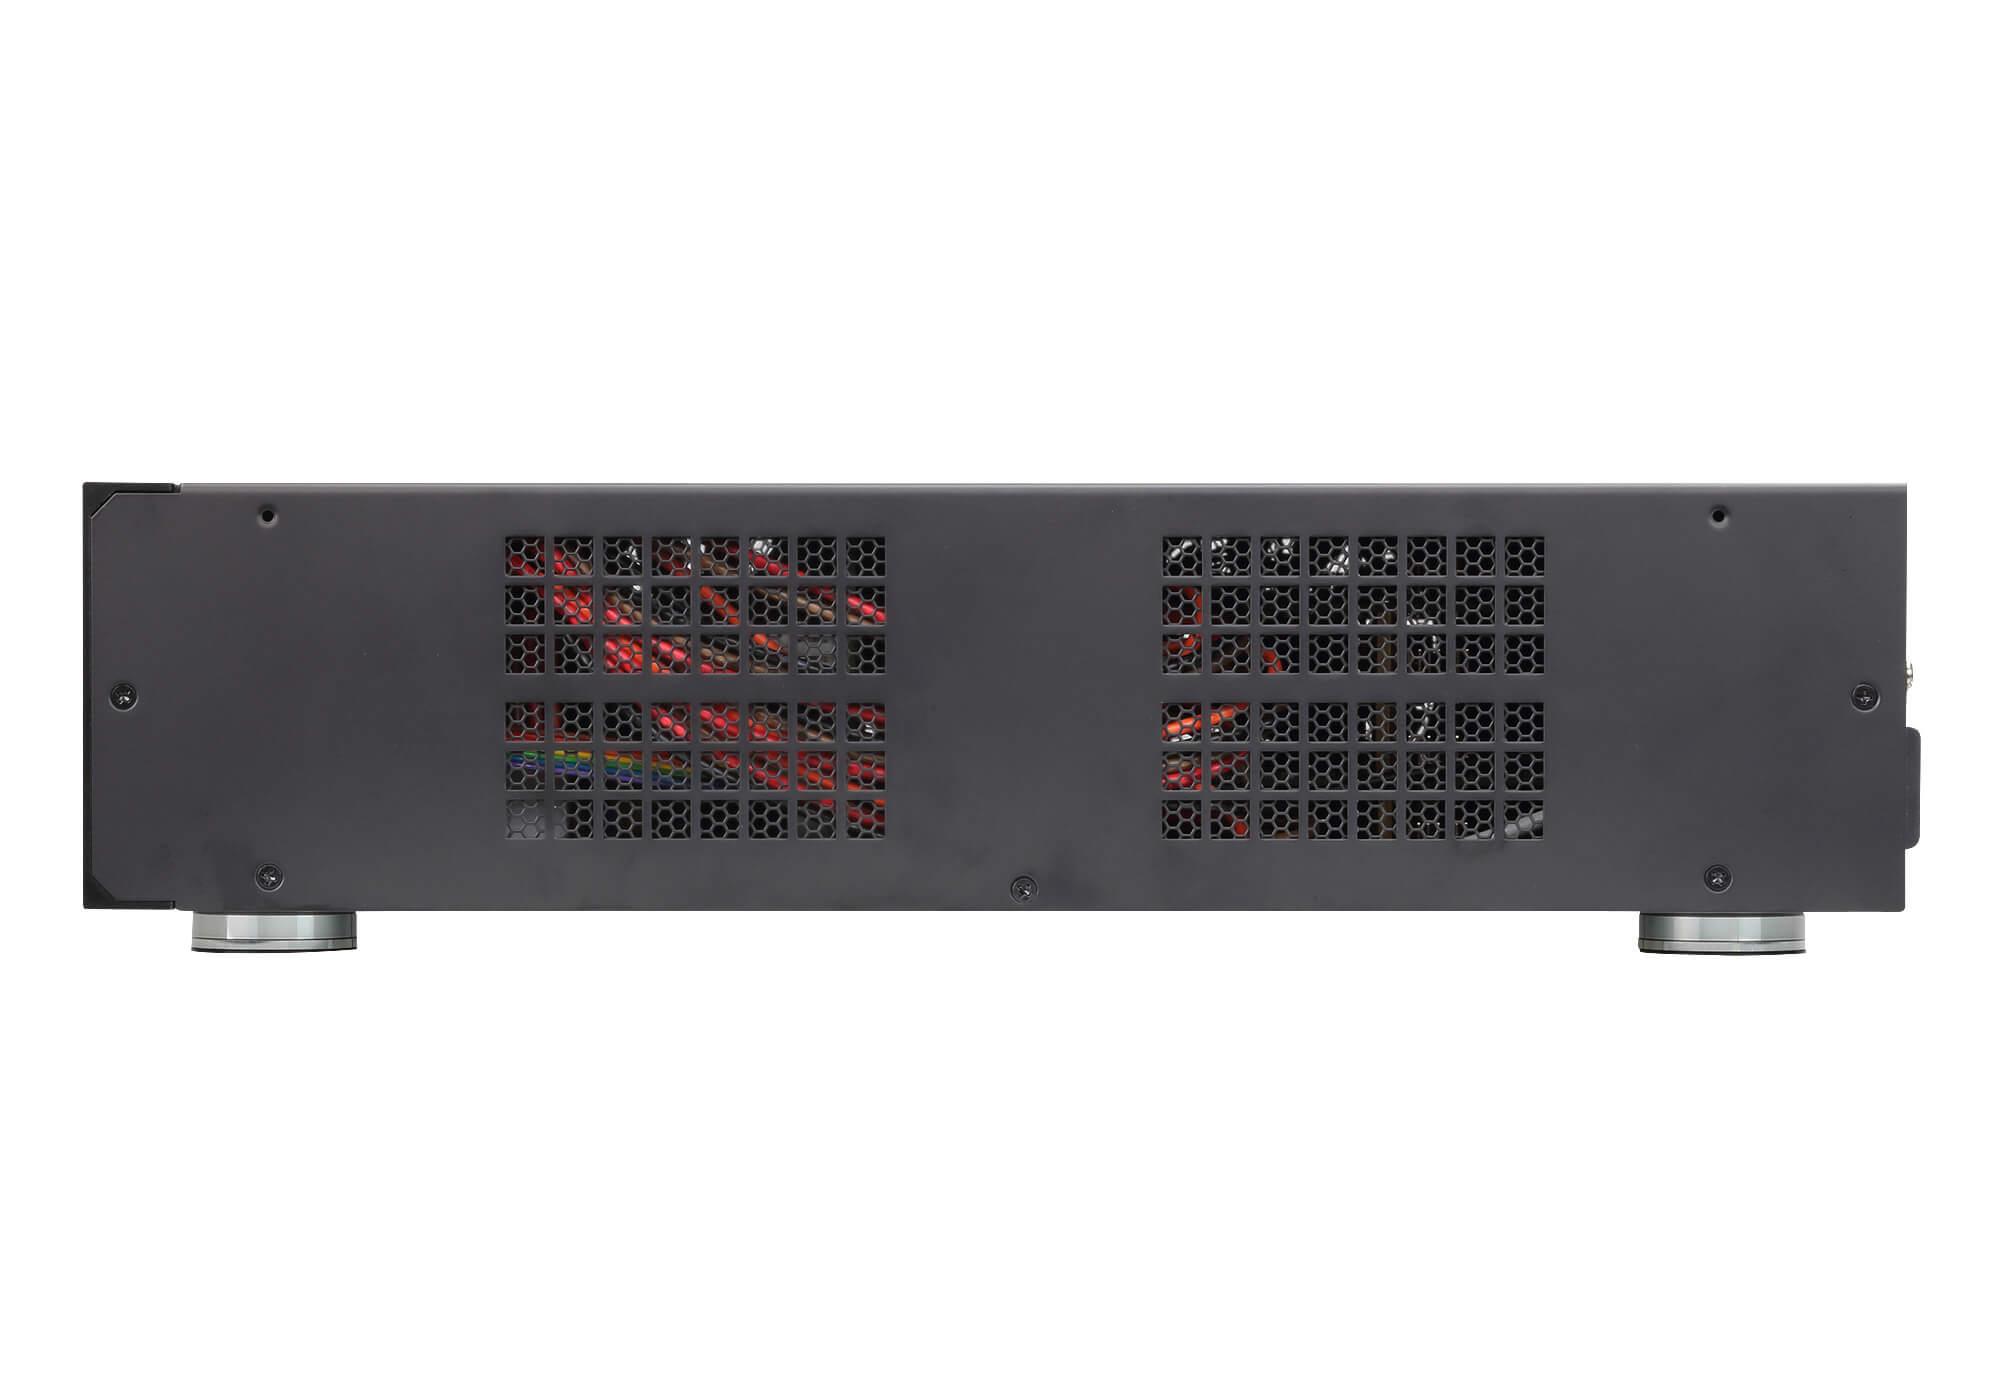 16入力16出力HDMIマトリックススイッチャー(ビデオウォール対応)-4